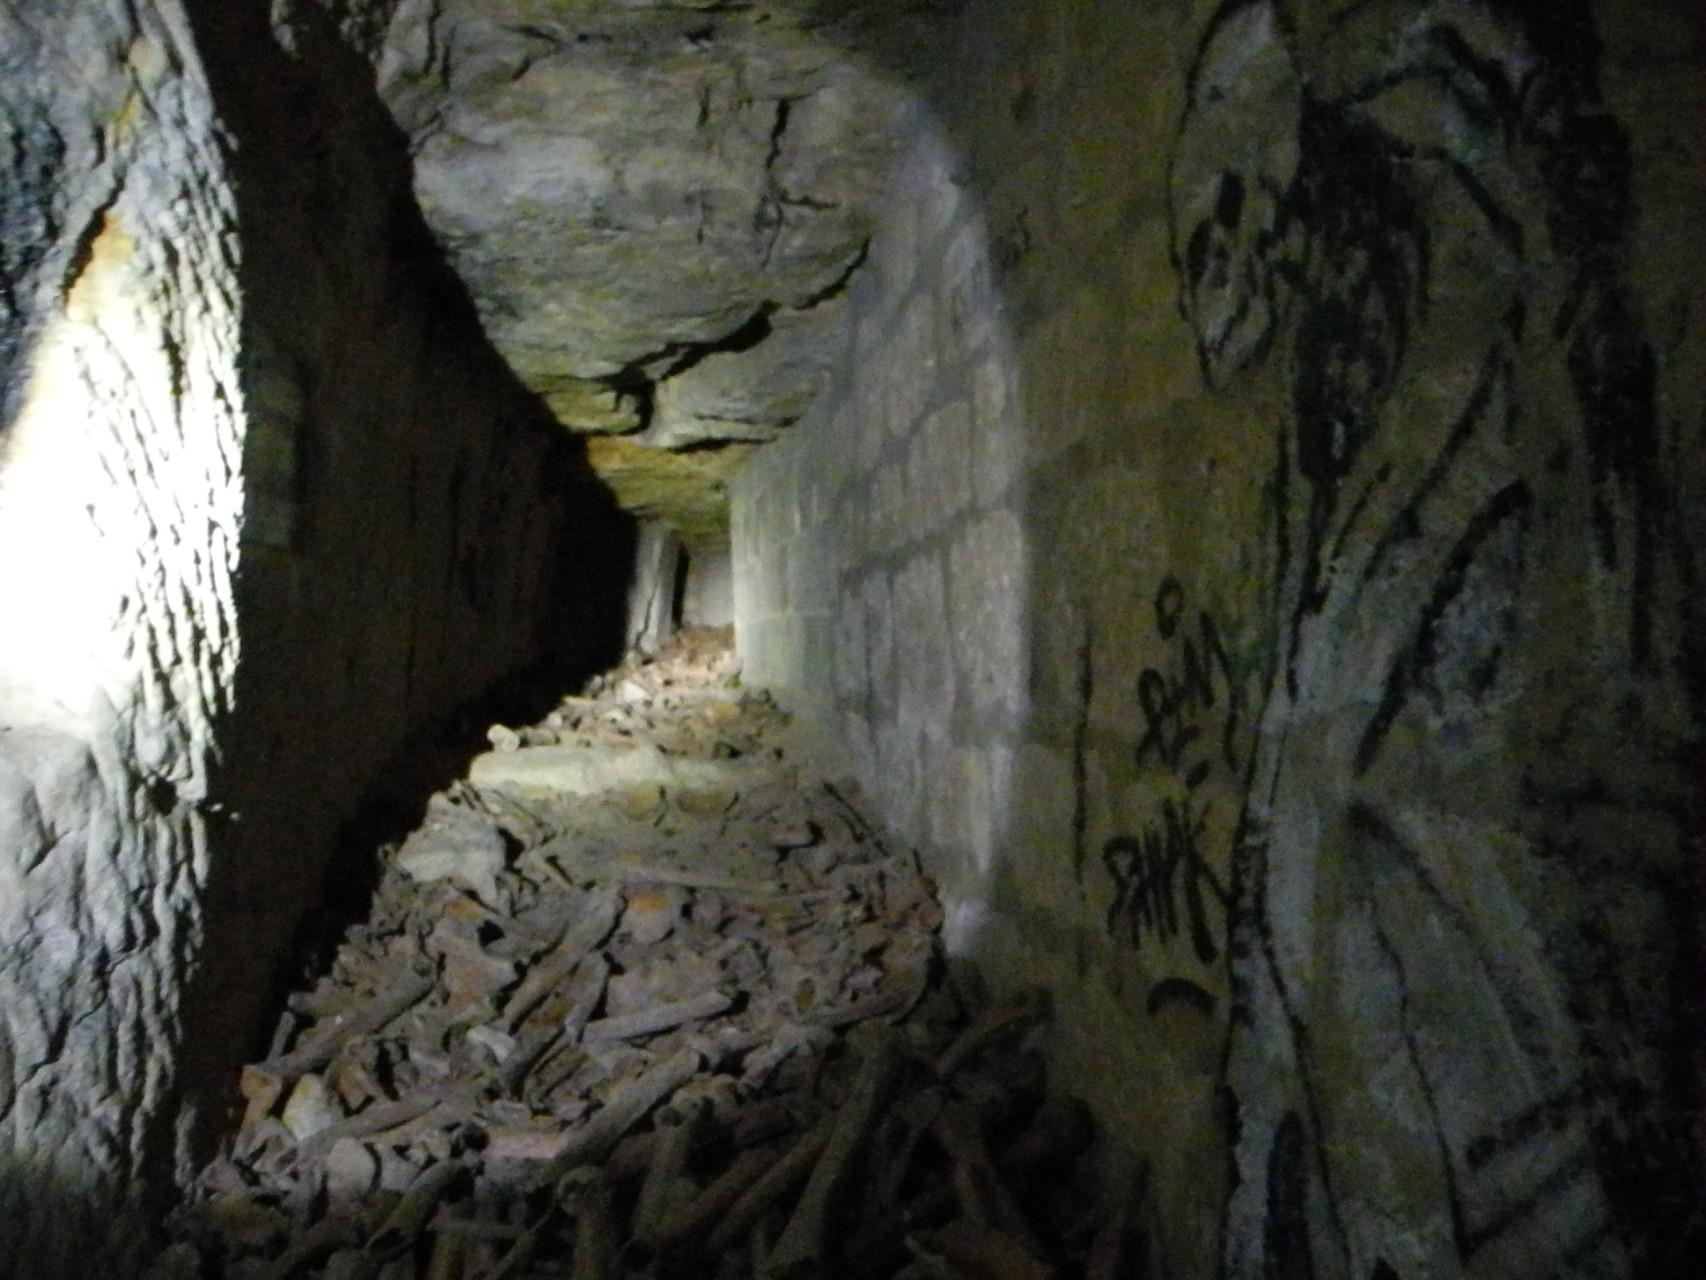 Les catacombes ont servi à reccueillir les ossements de cimetières